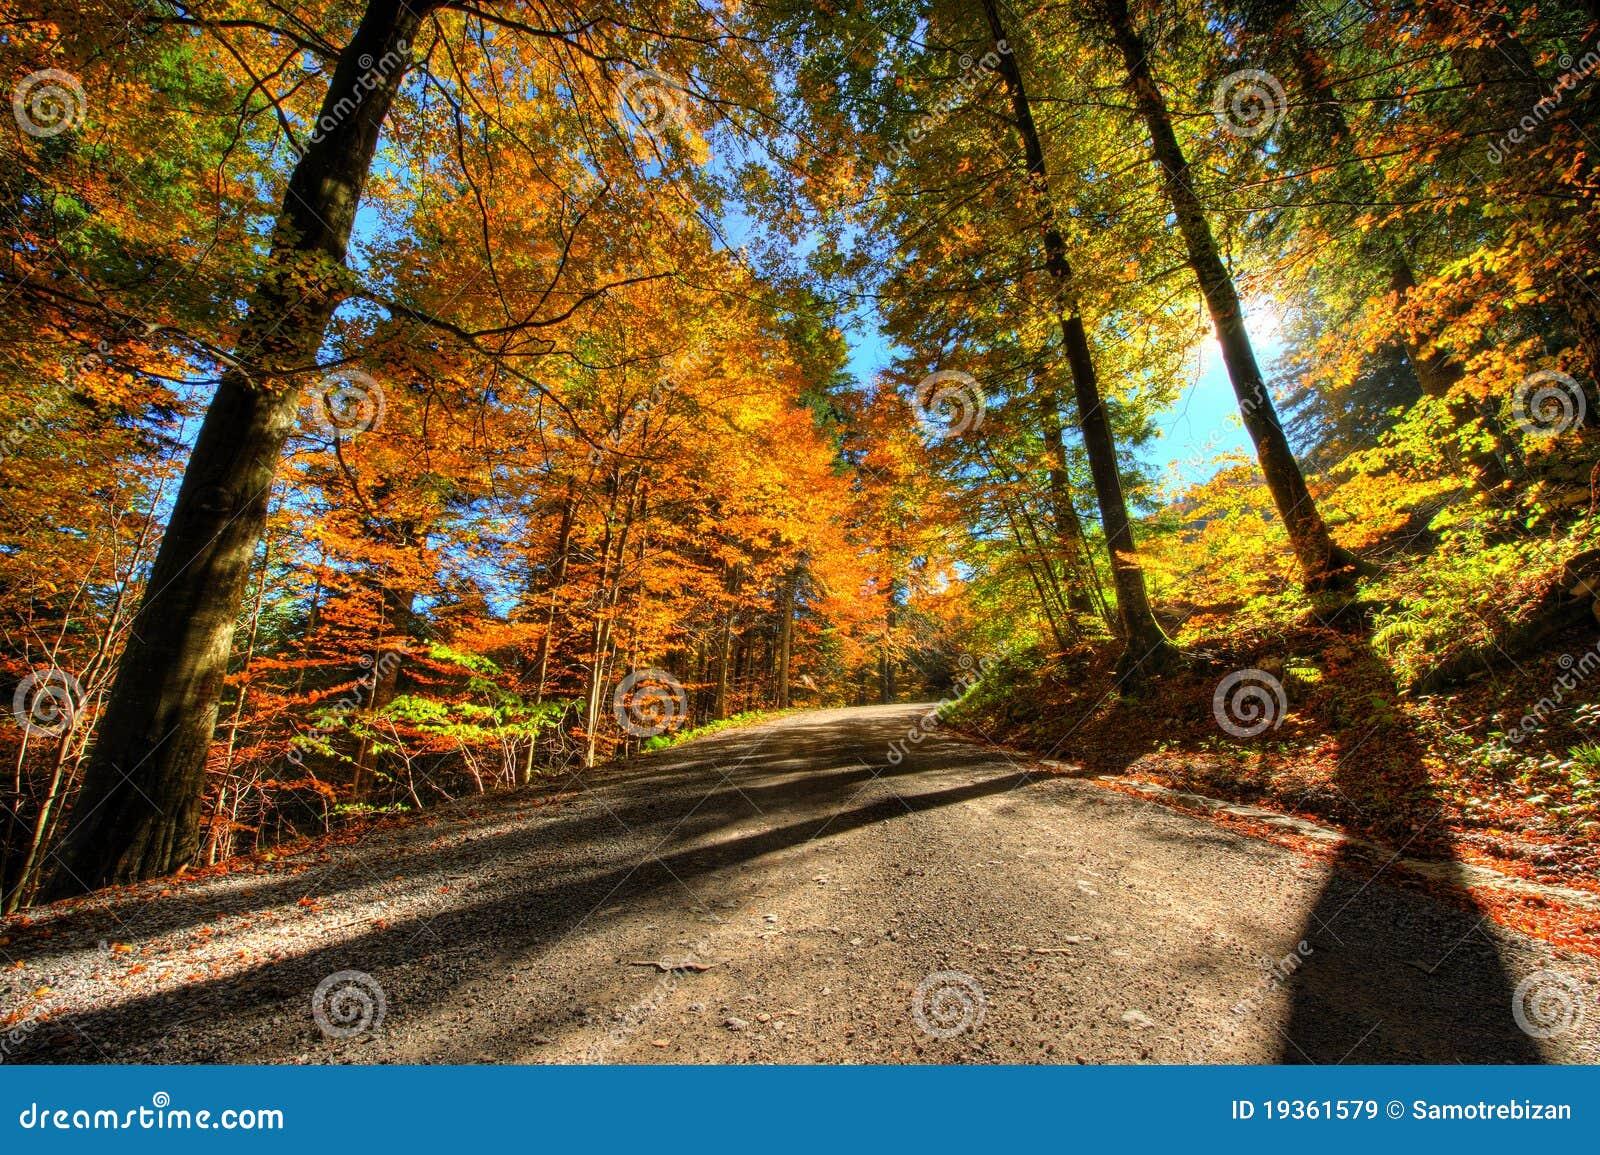 Cores vibrantes da floresta no outono